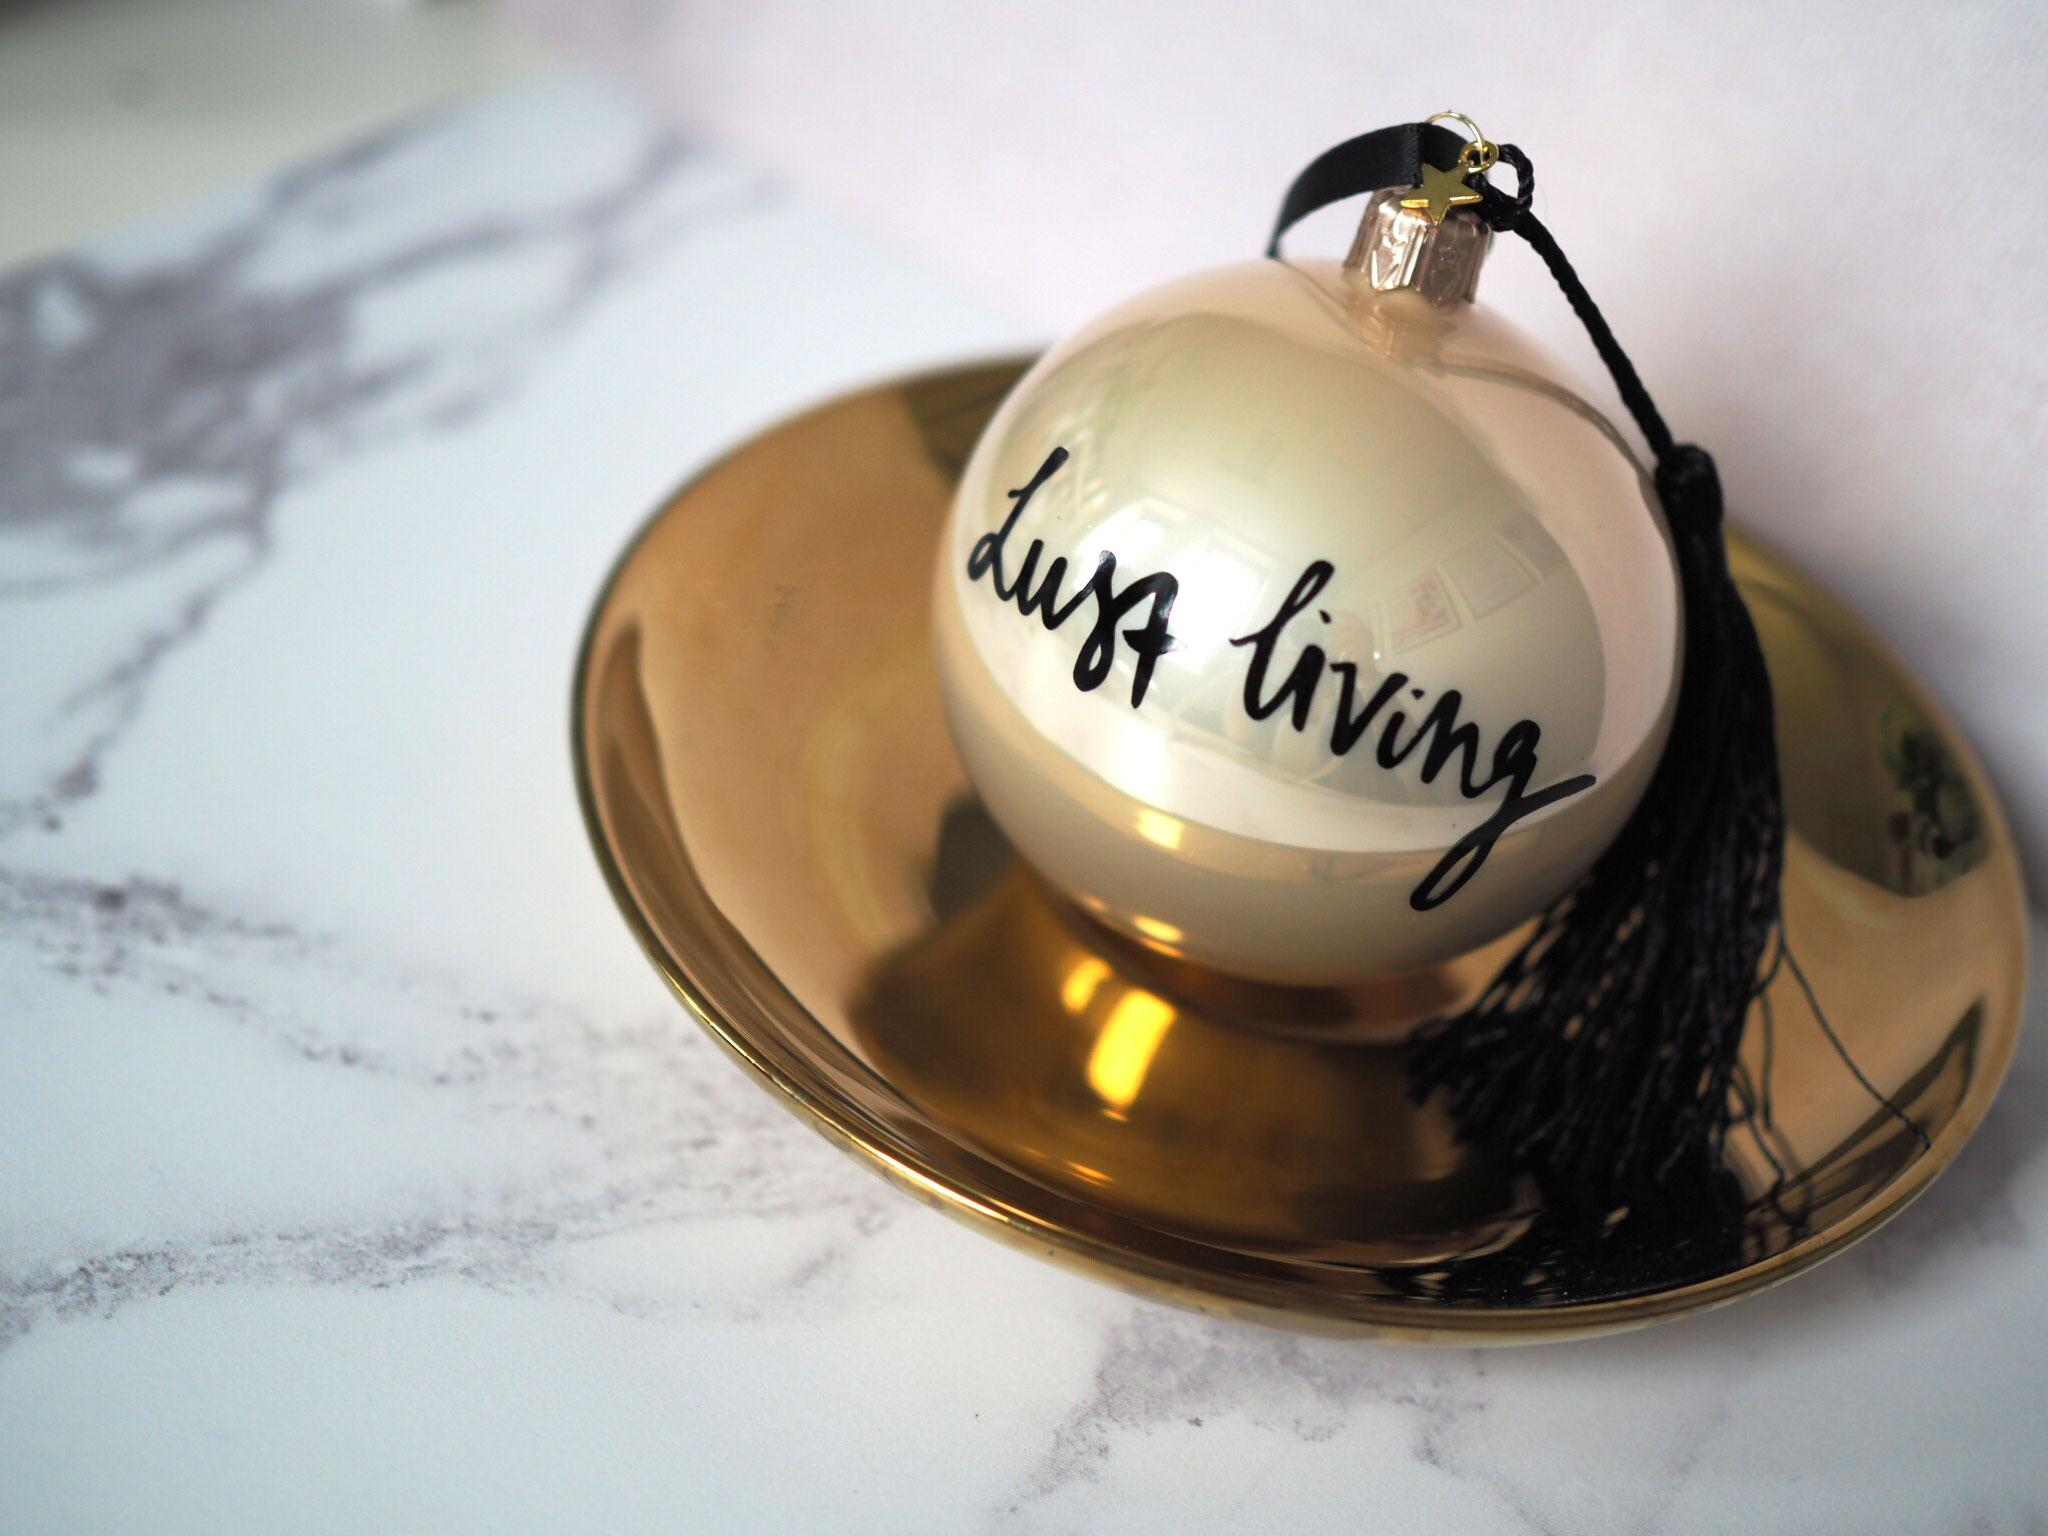 Lust-Living-Blogger-Branded-Christmas-Bauble.jpg